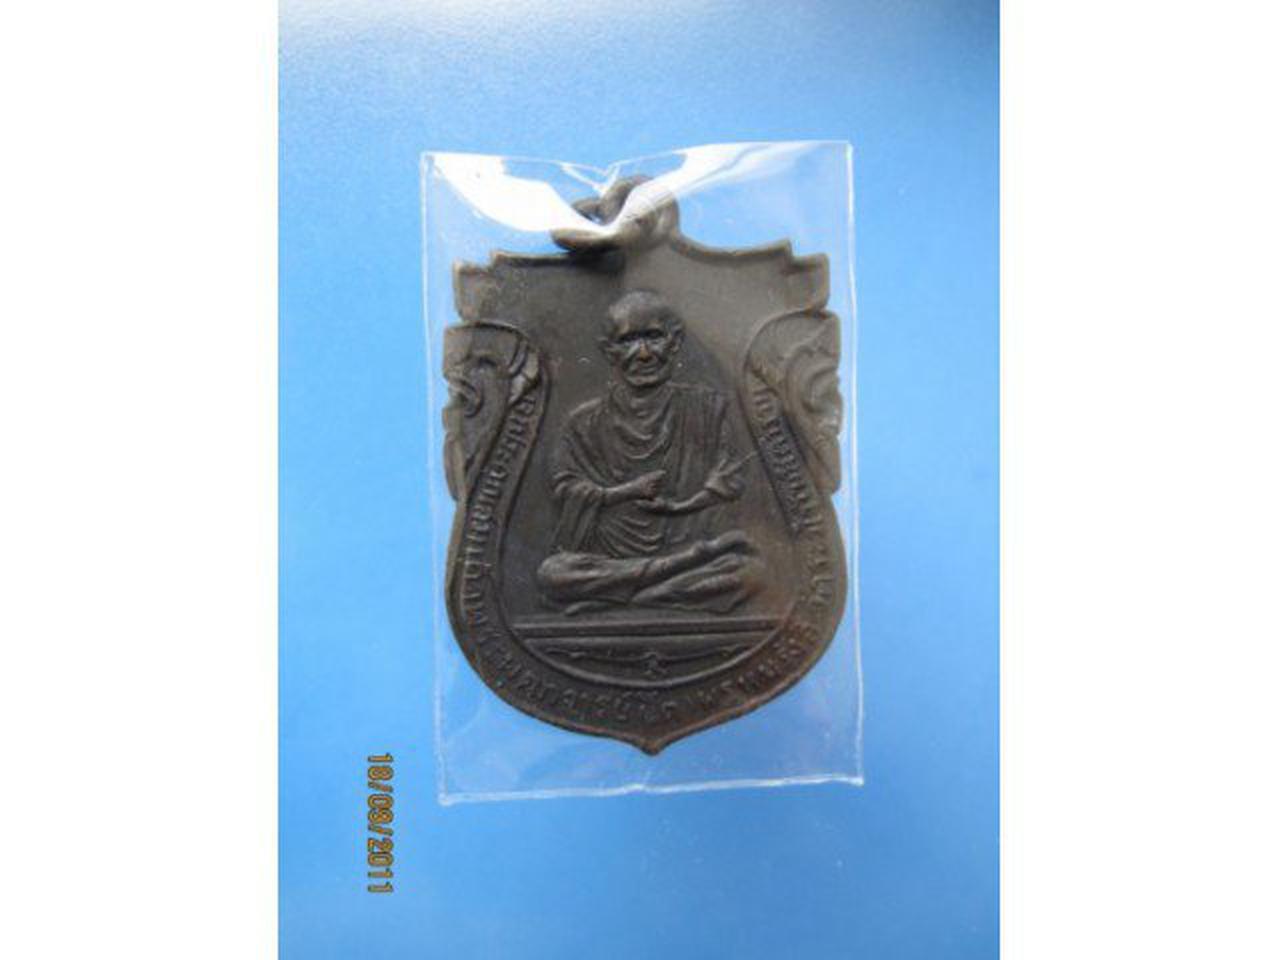 - เหรียญสมเด็จพุฒาจารย์โต ปี2499 พิมพ์เสมาใหญ่ หลวงปู่นาค ปล รูปที่ 2